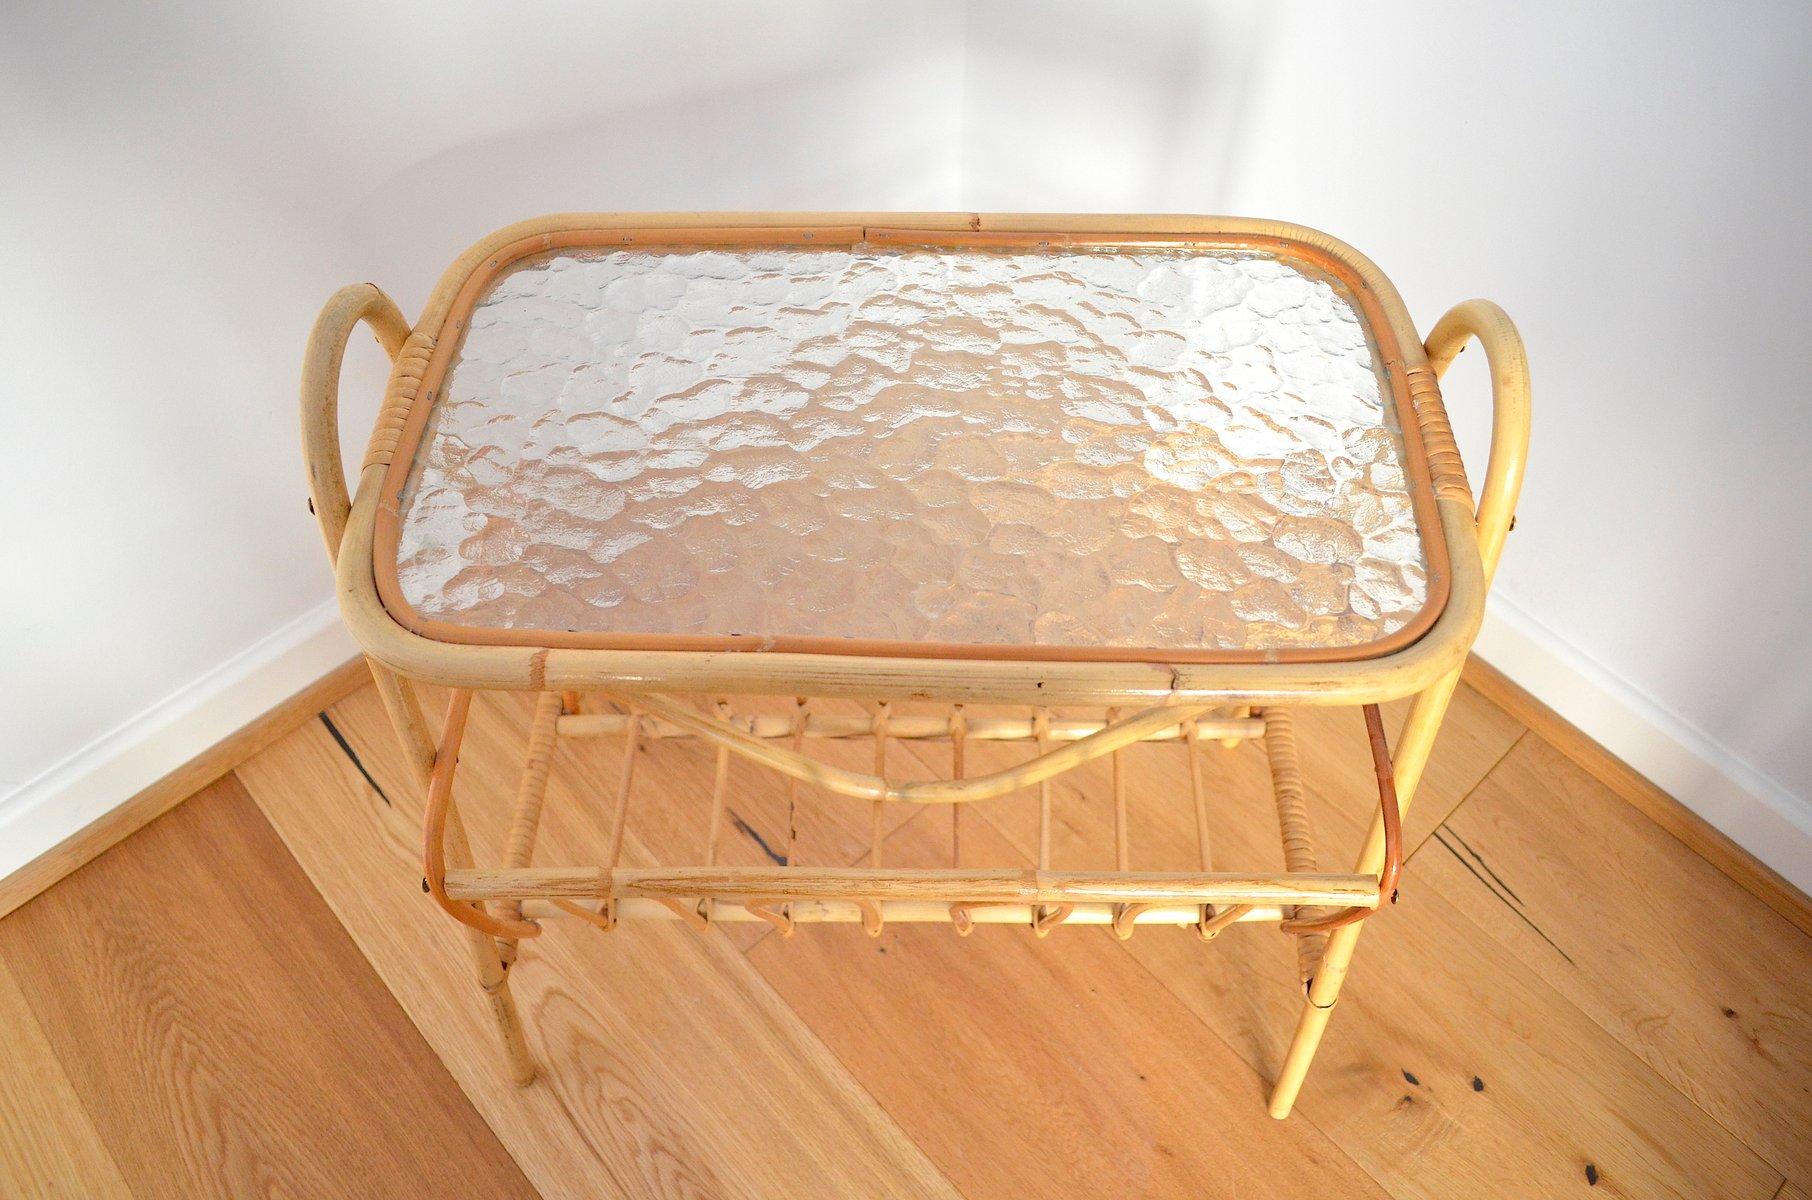 deutscher bambus beistelltisch mit zeitungsst nder 1950er. Black Bedroom Furniture Sets. Home Design Ideas